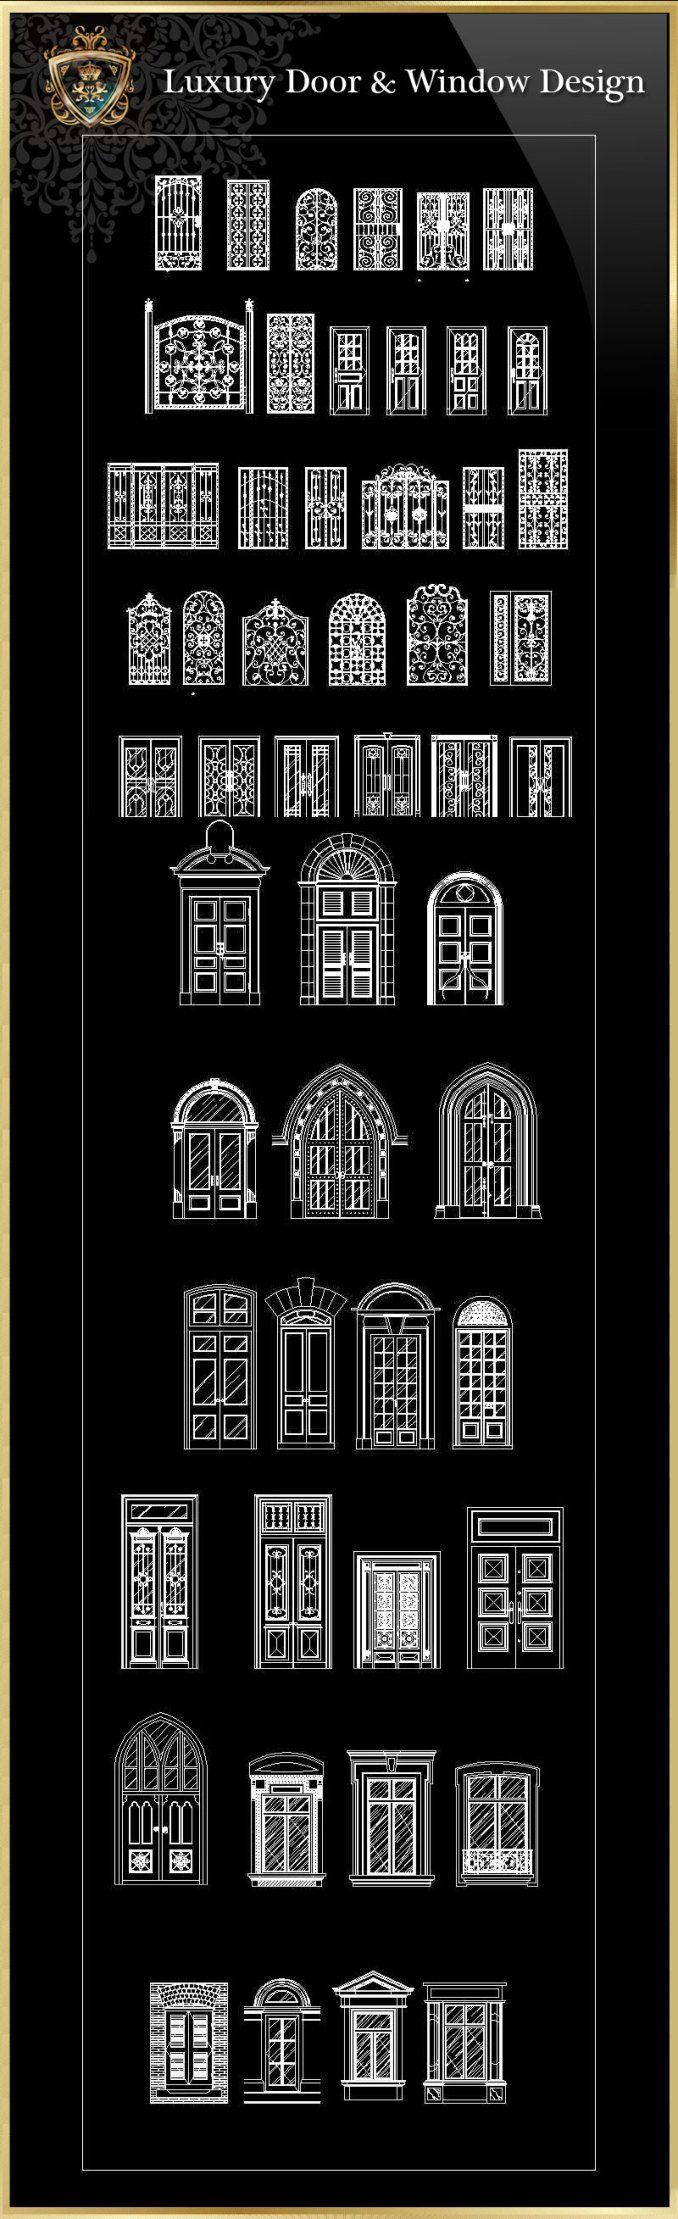 Luxus Tür & Fenster   FREE CAD BLOCKS & ZEICHNUNGEN DOWNLOAD CENTER